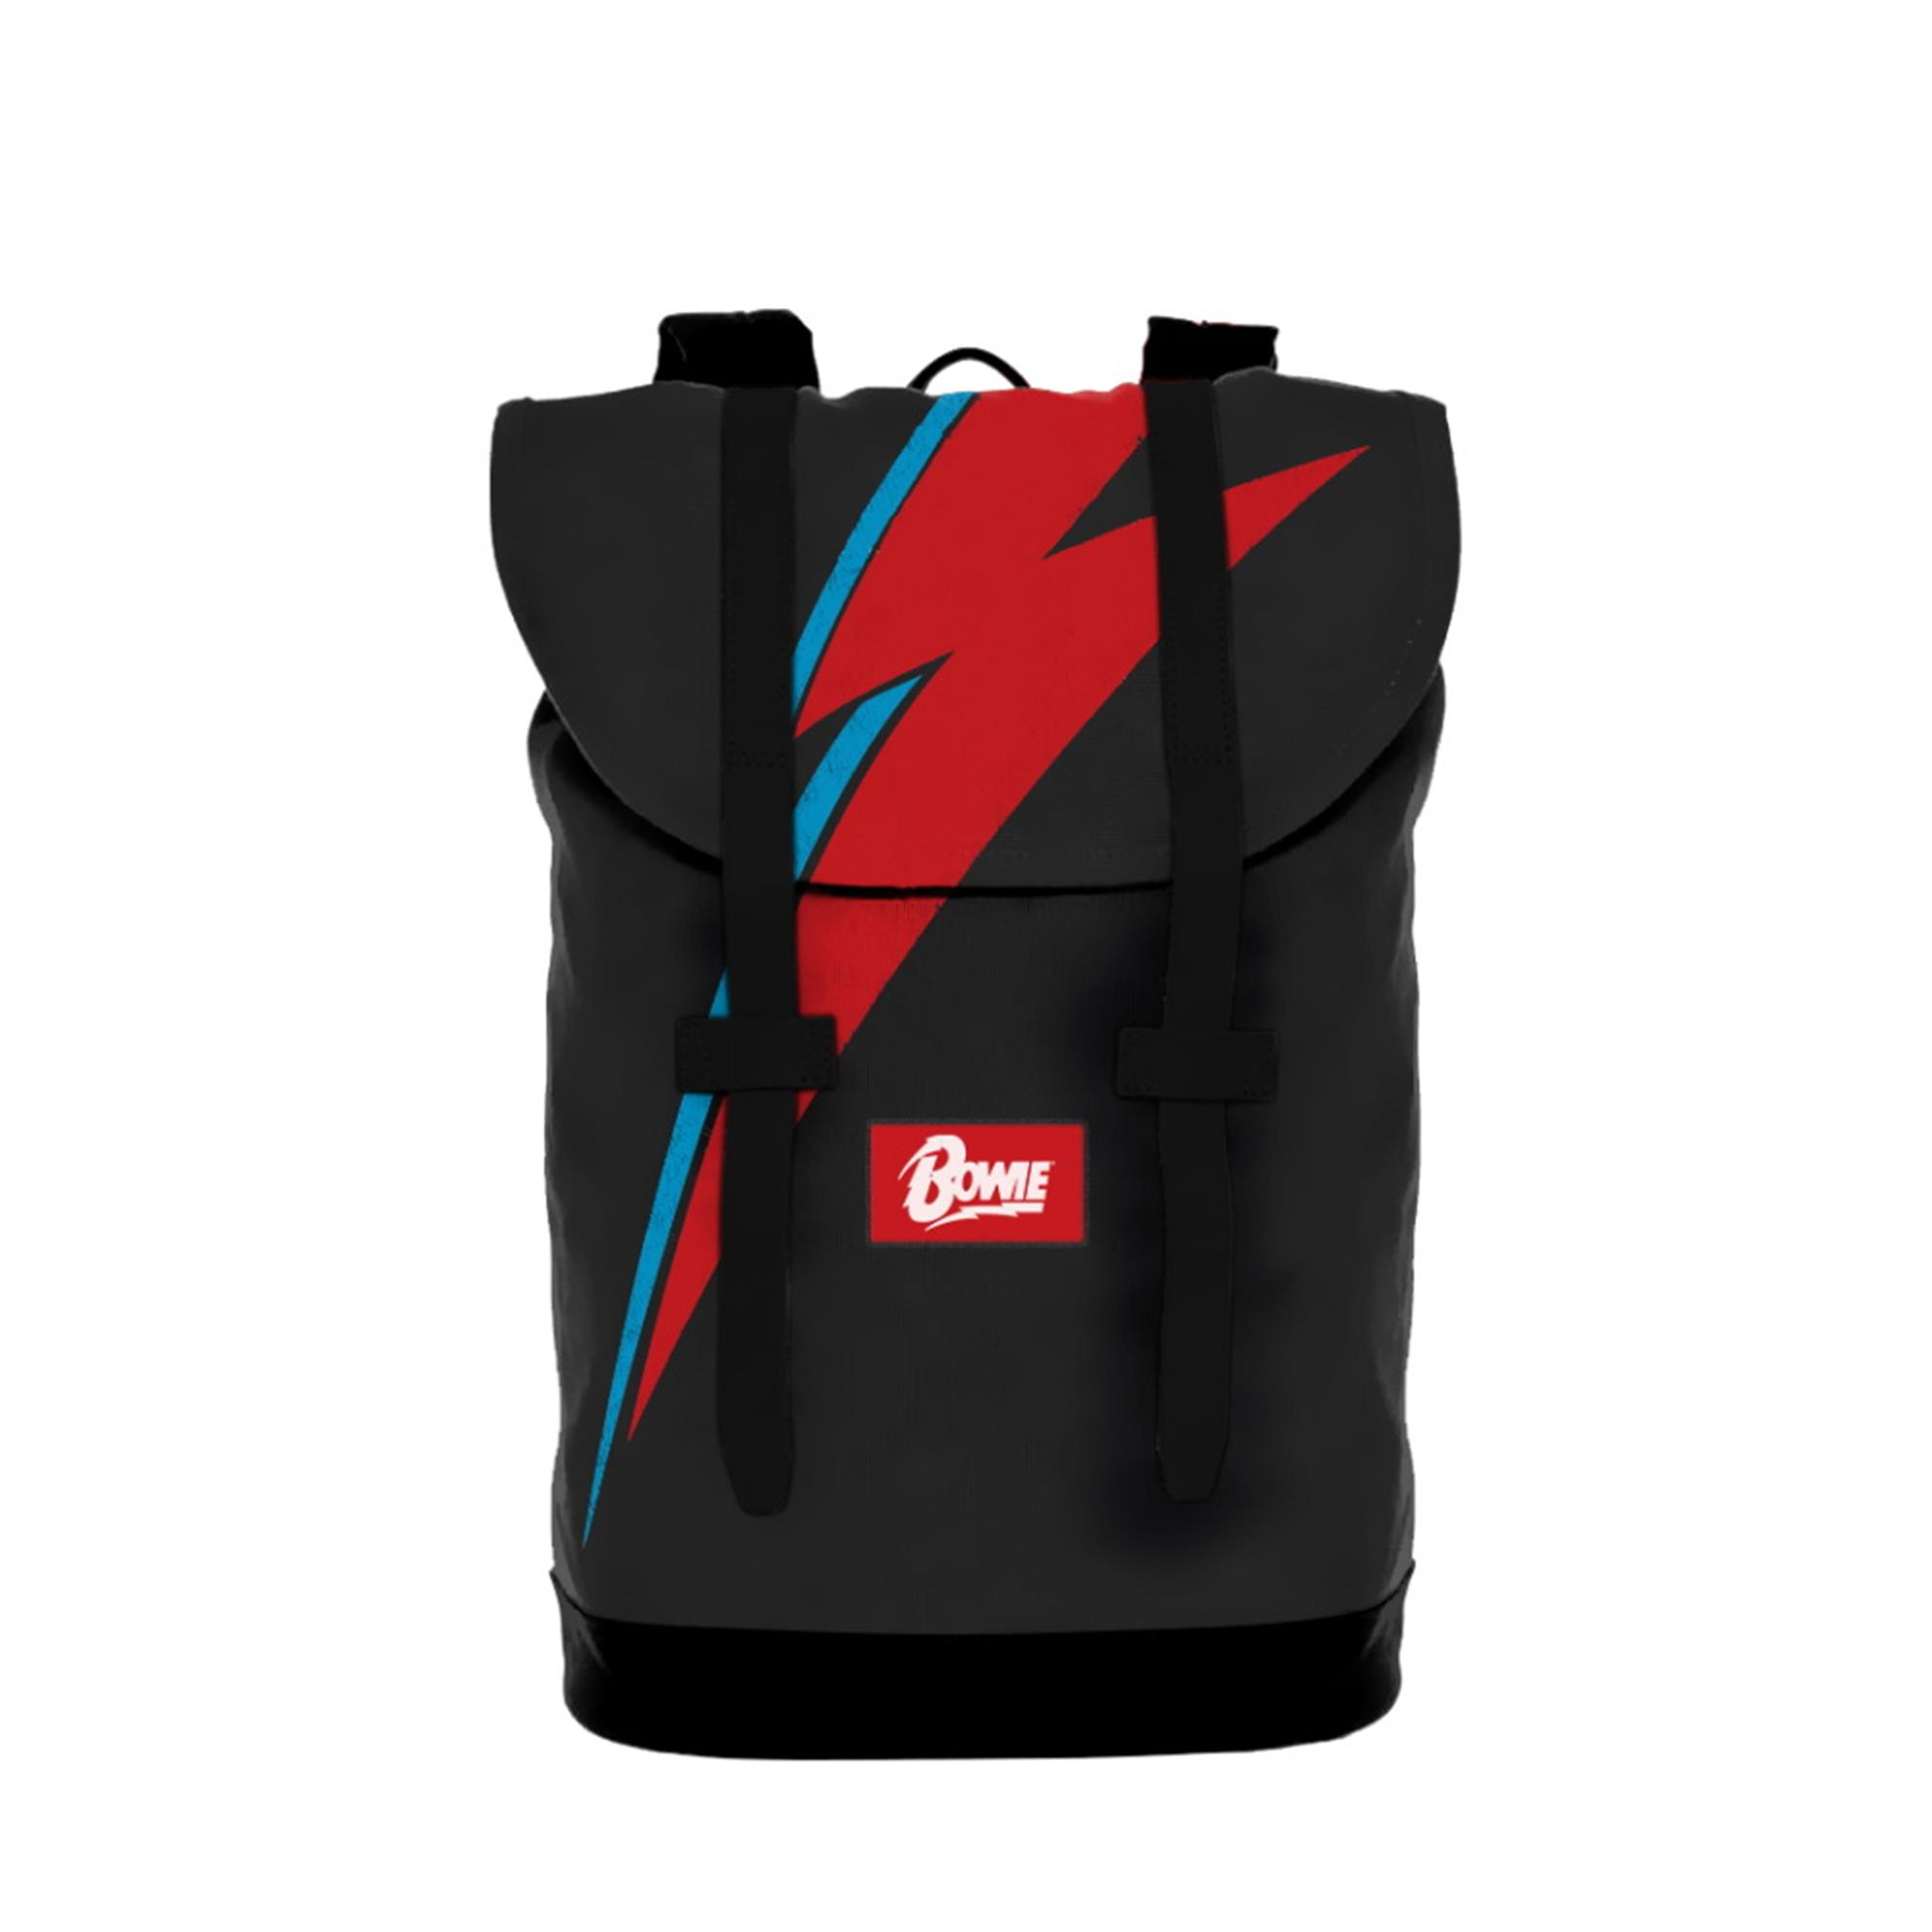 David Bowie Lightning Heritage Backpack